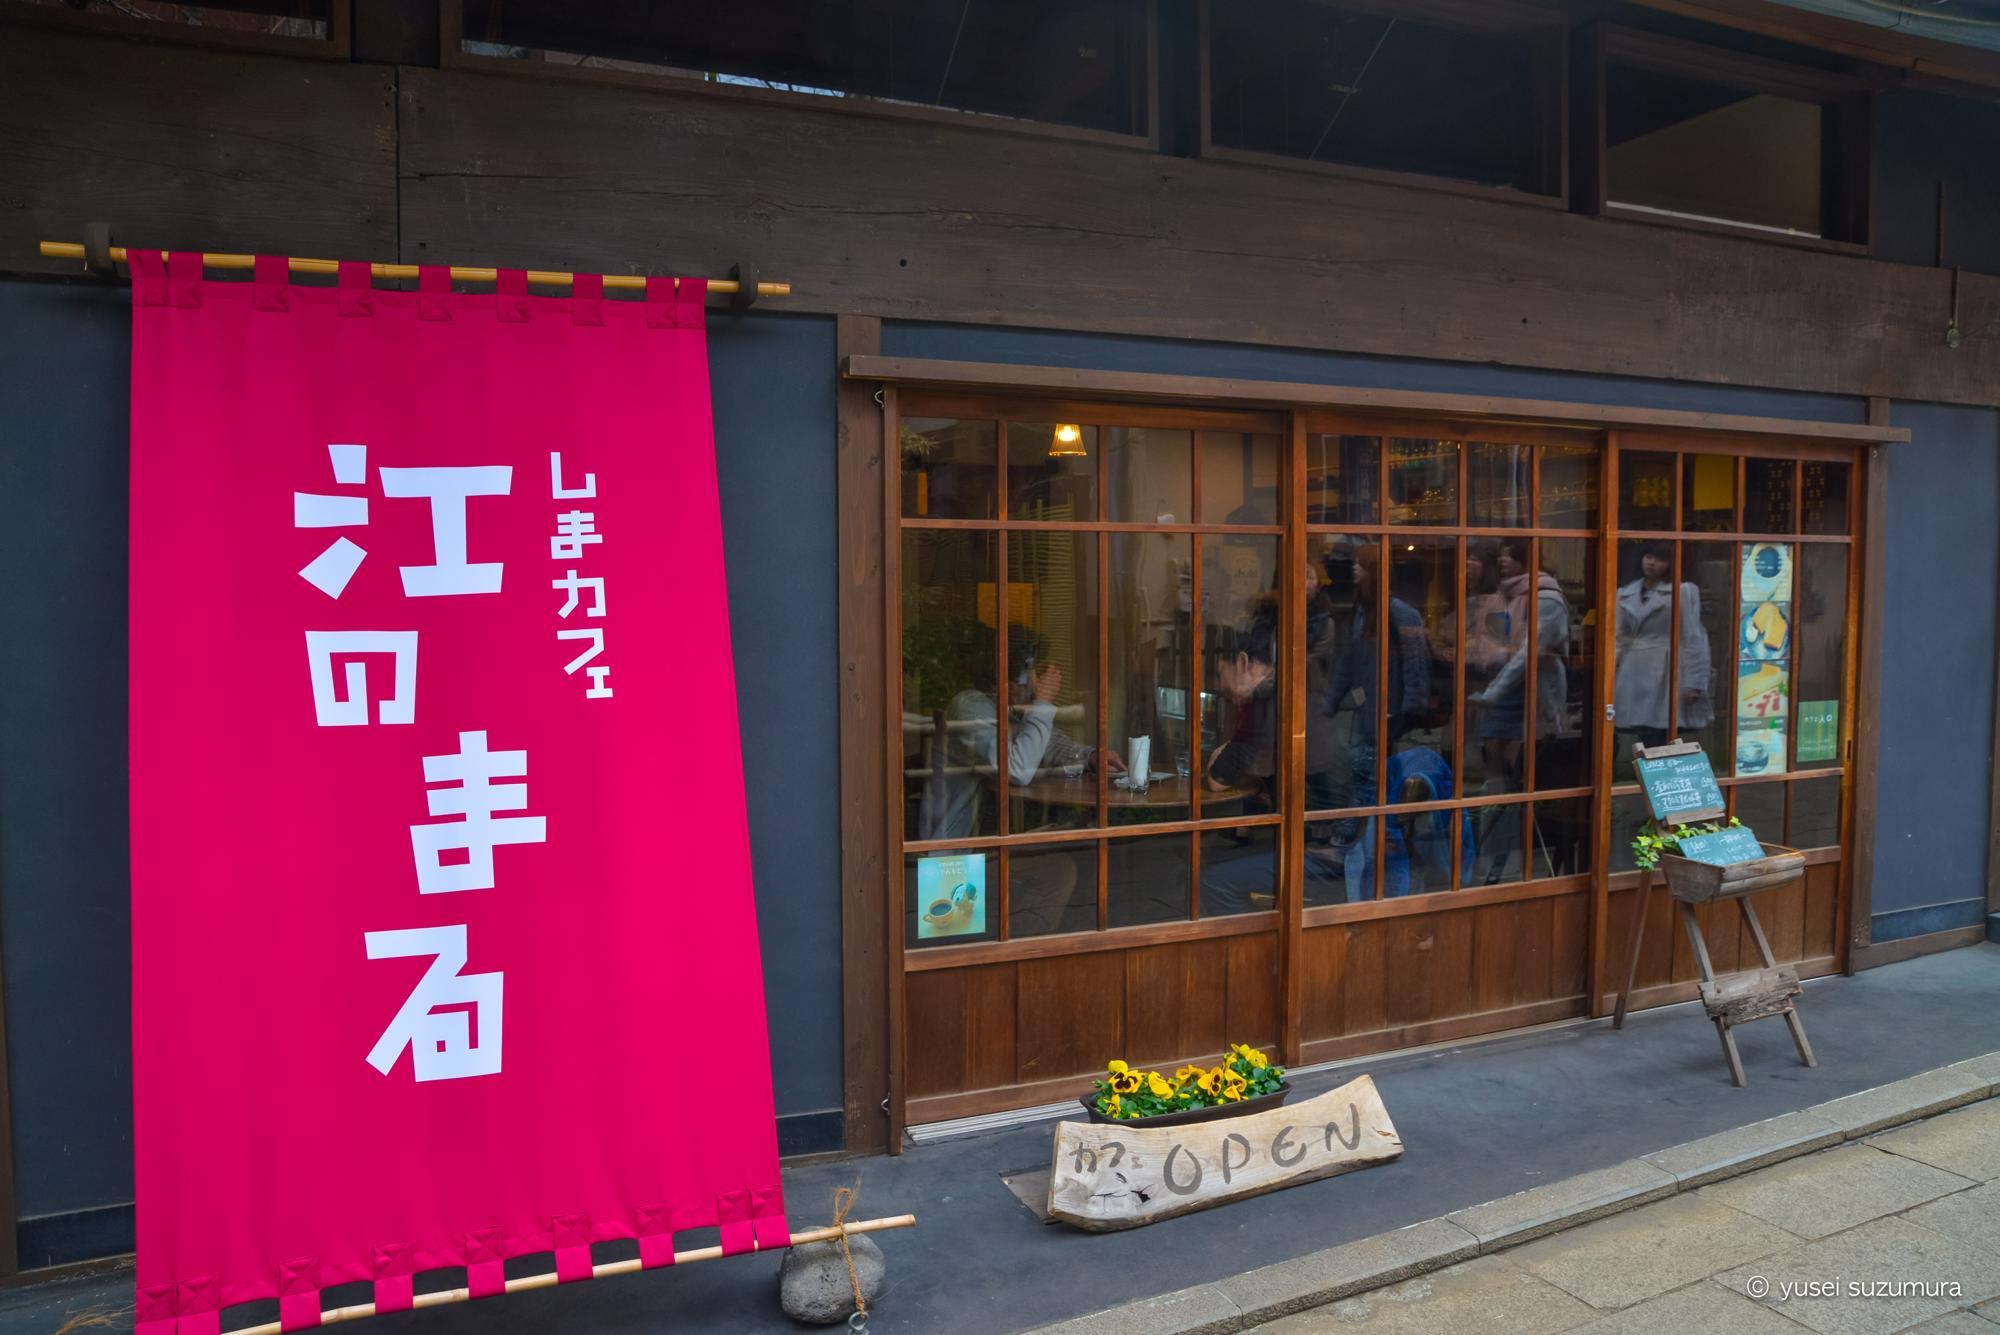 落ち着ける古民家カフェ。「しまカフェ 江の丸」が良かった。